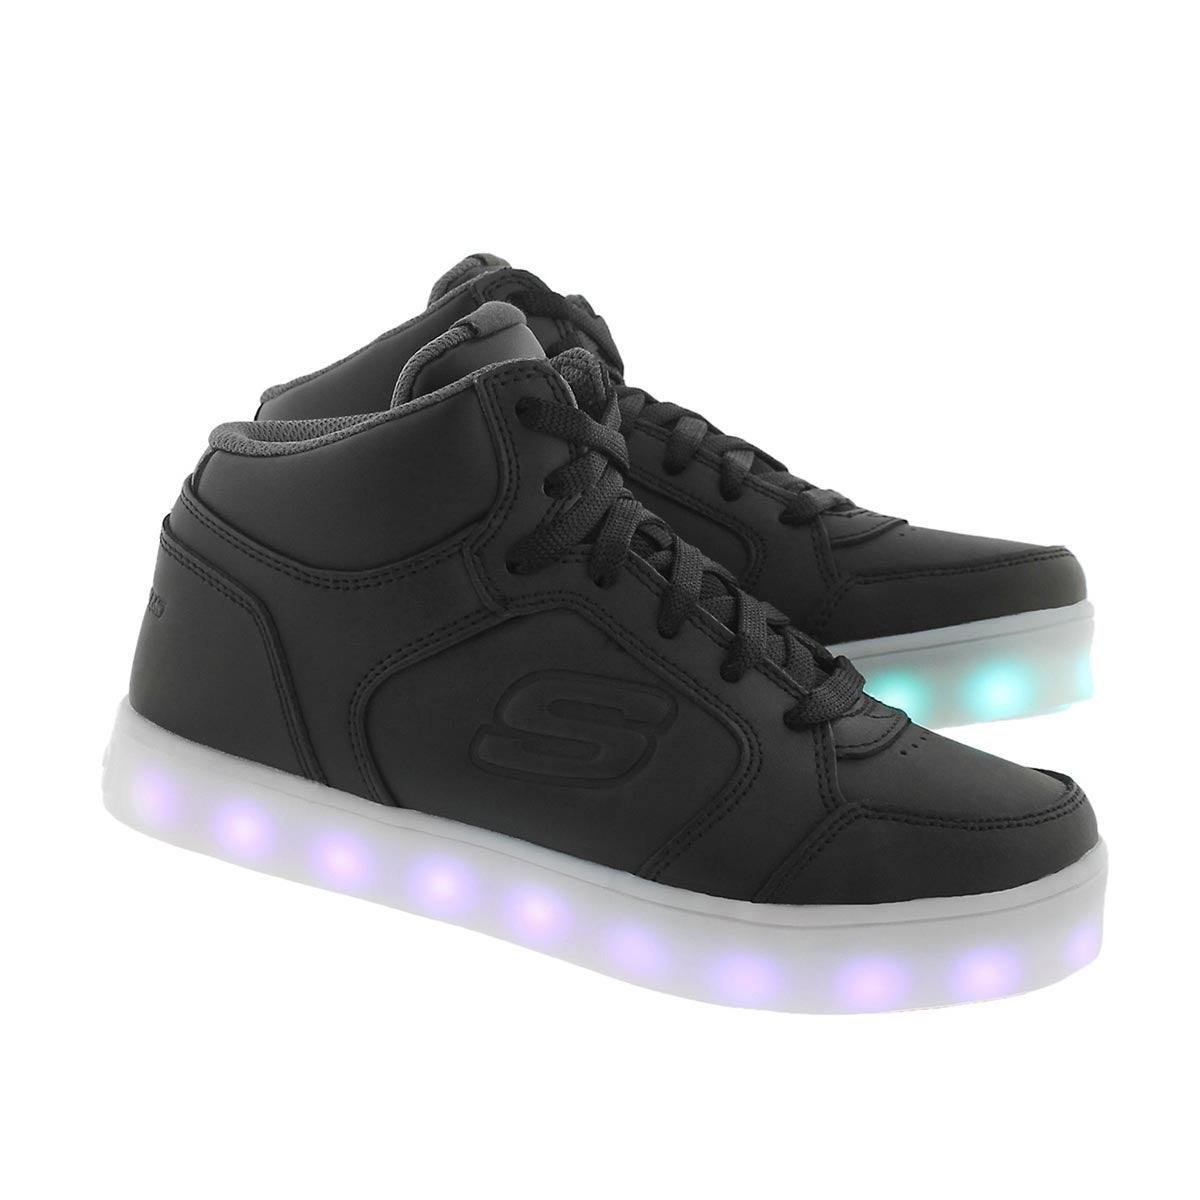 Kds Energy Lights light up blk sneaker